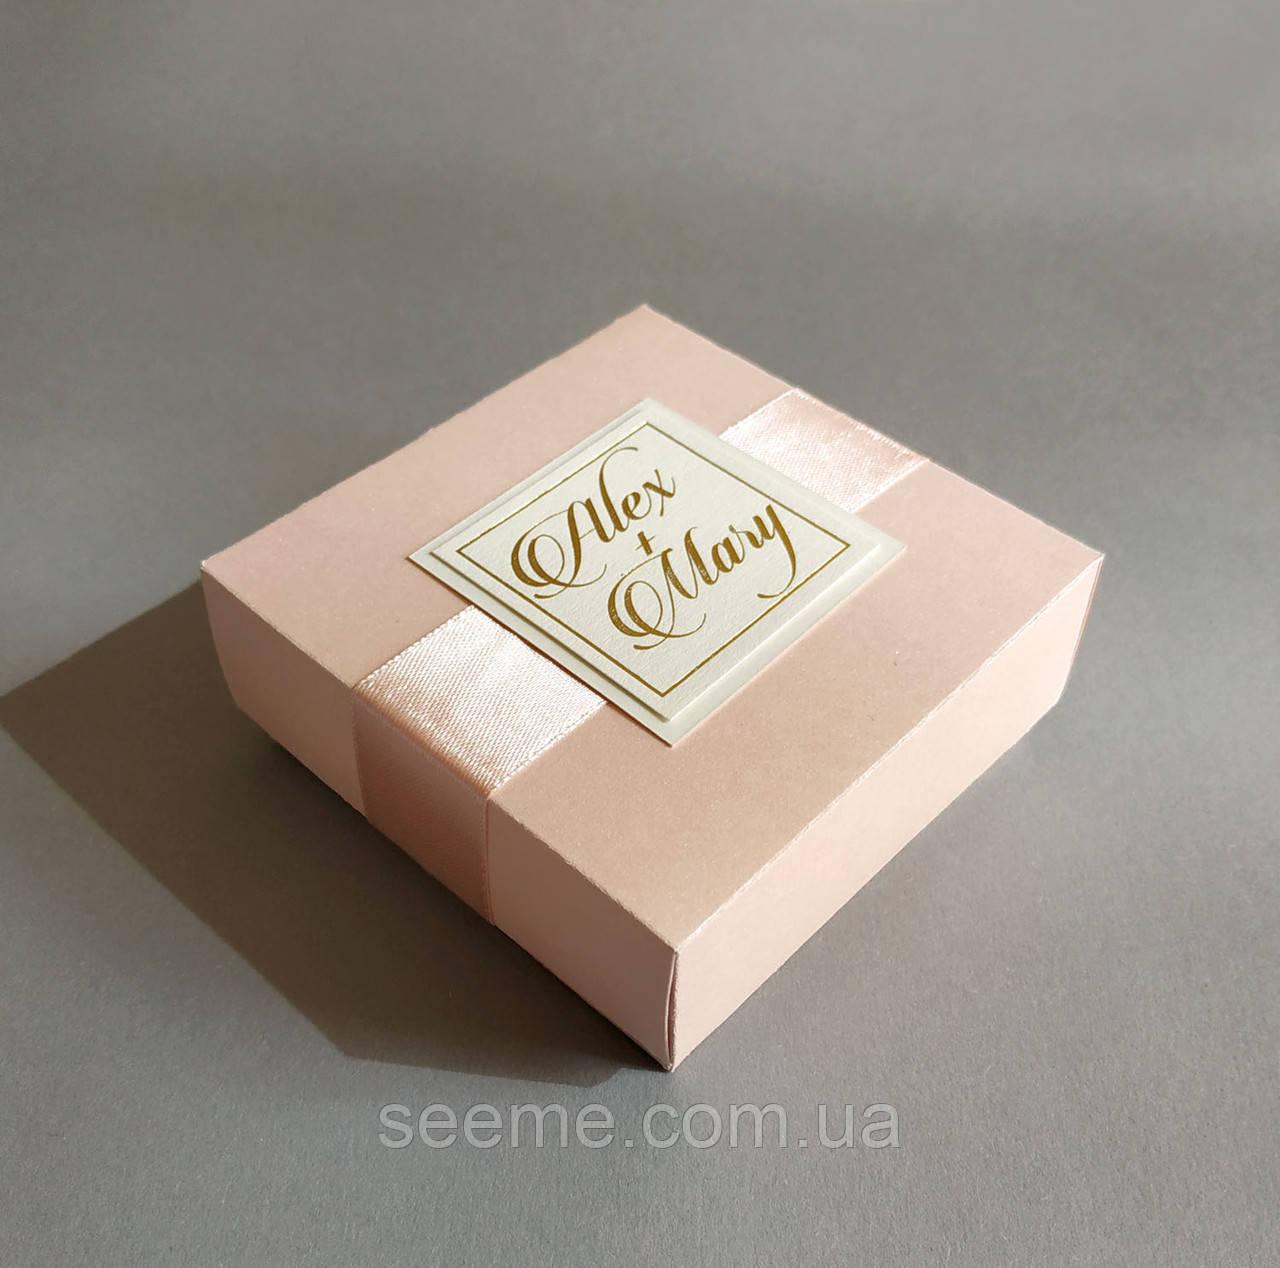 Коробка подарочная 85x85x35 мм, цвет перламутровый персиковый